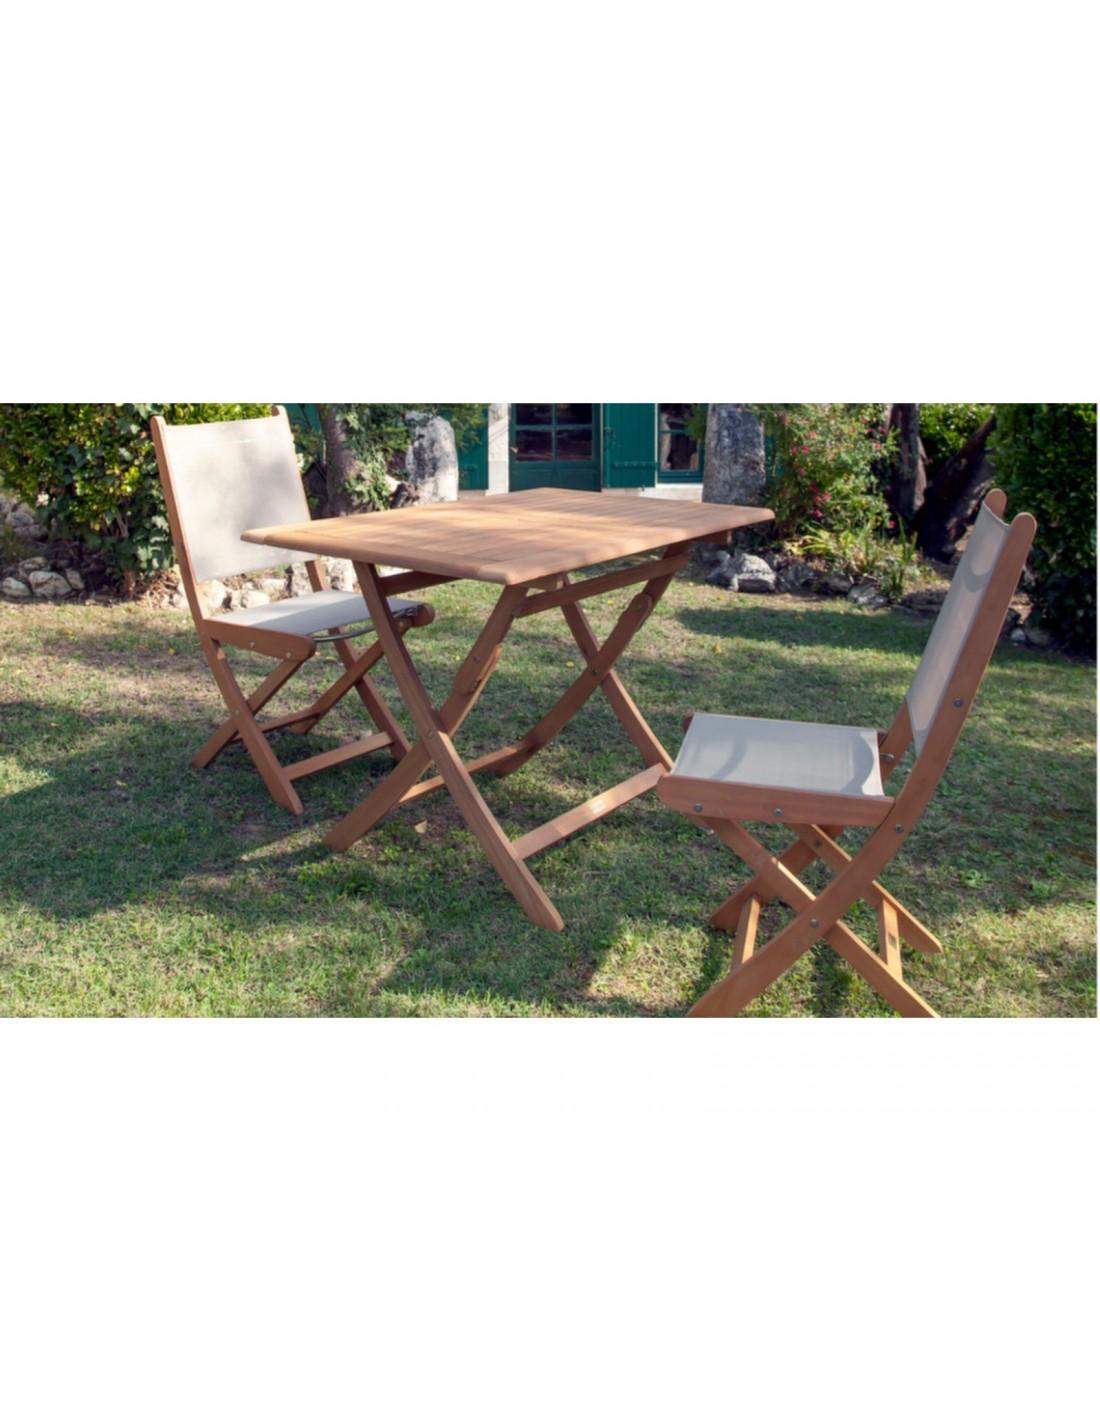 Table Sophie pliante 70x70 cm ou 110x70 cm en Eucalyptus - Proloisirs